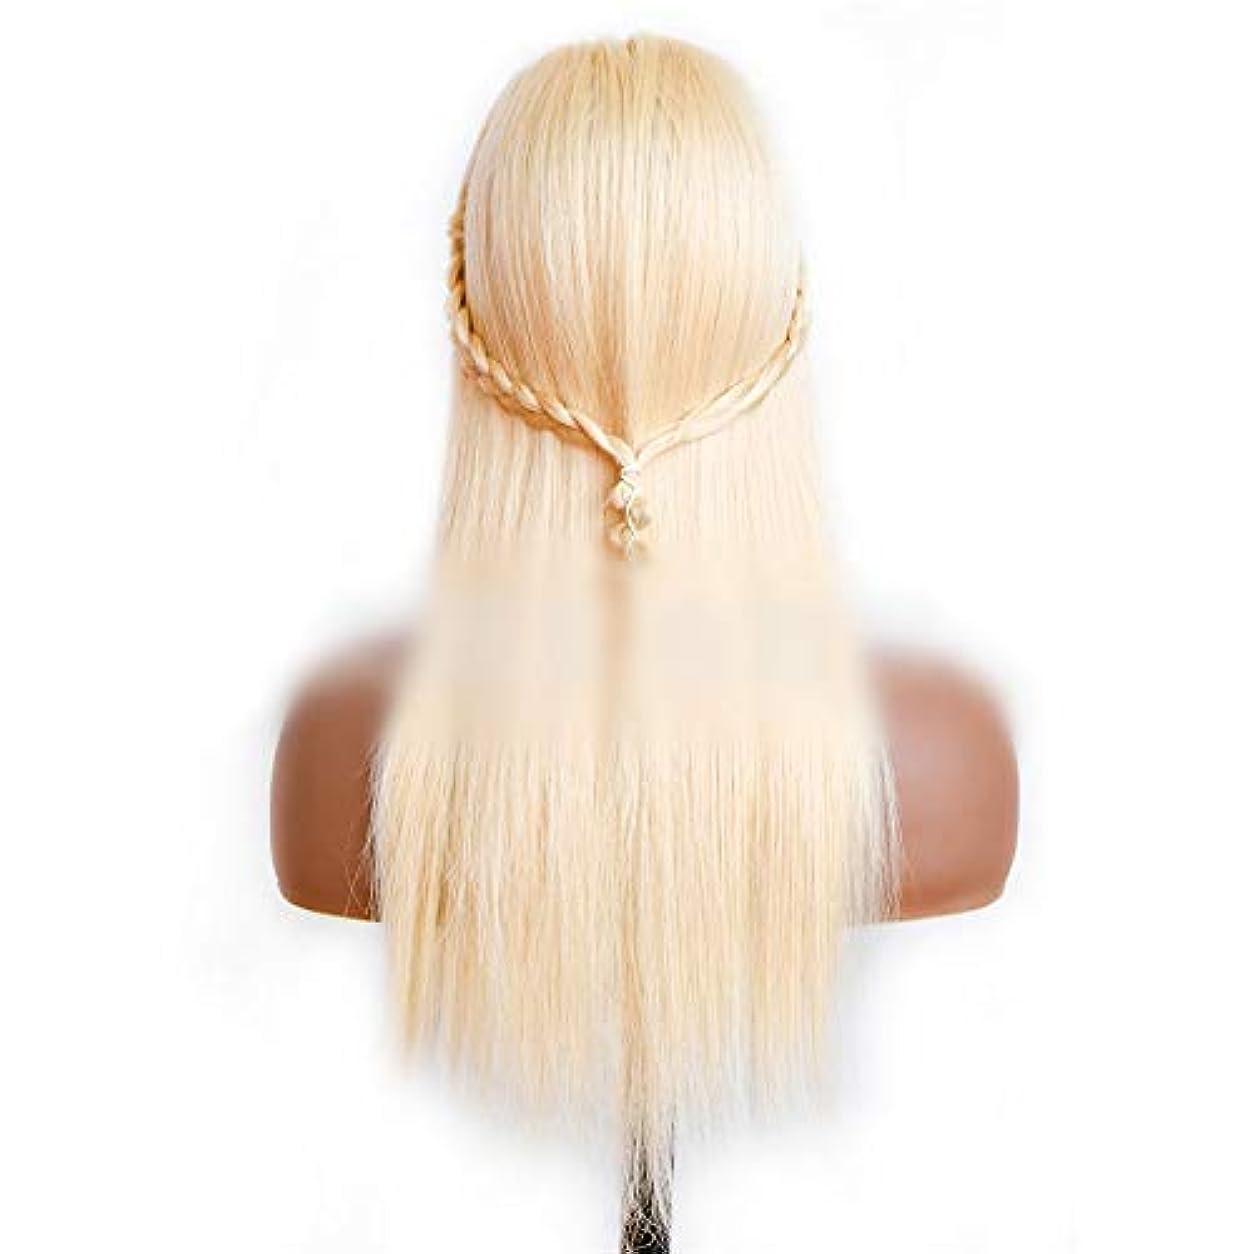 欠席ディスコから聞くJULYTER 女王蜂蜜ブロンドの髪絹のようなストレートブラジルの人間の髪の毛のレースフロントかつら女性の毎日のドレス。 (色 : Blonde, サイズ : 24 inch)